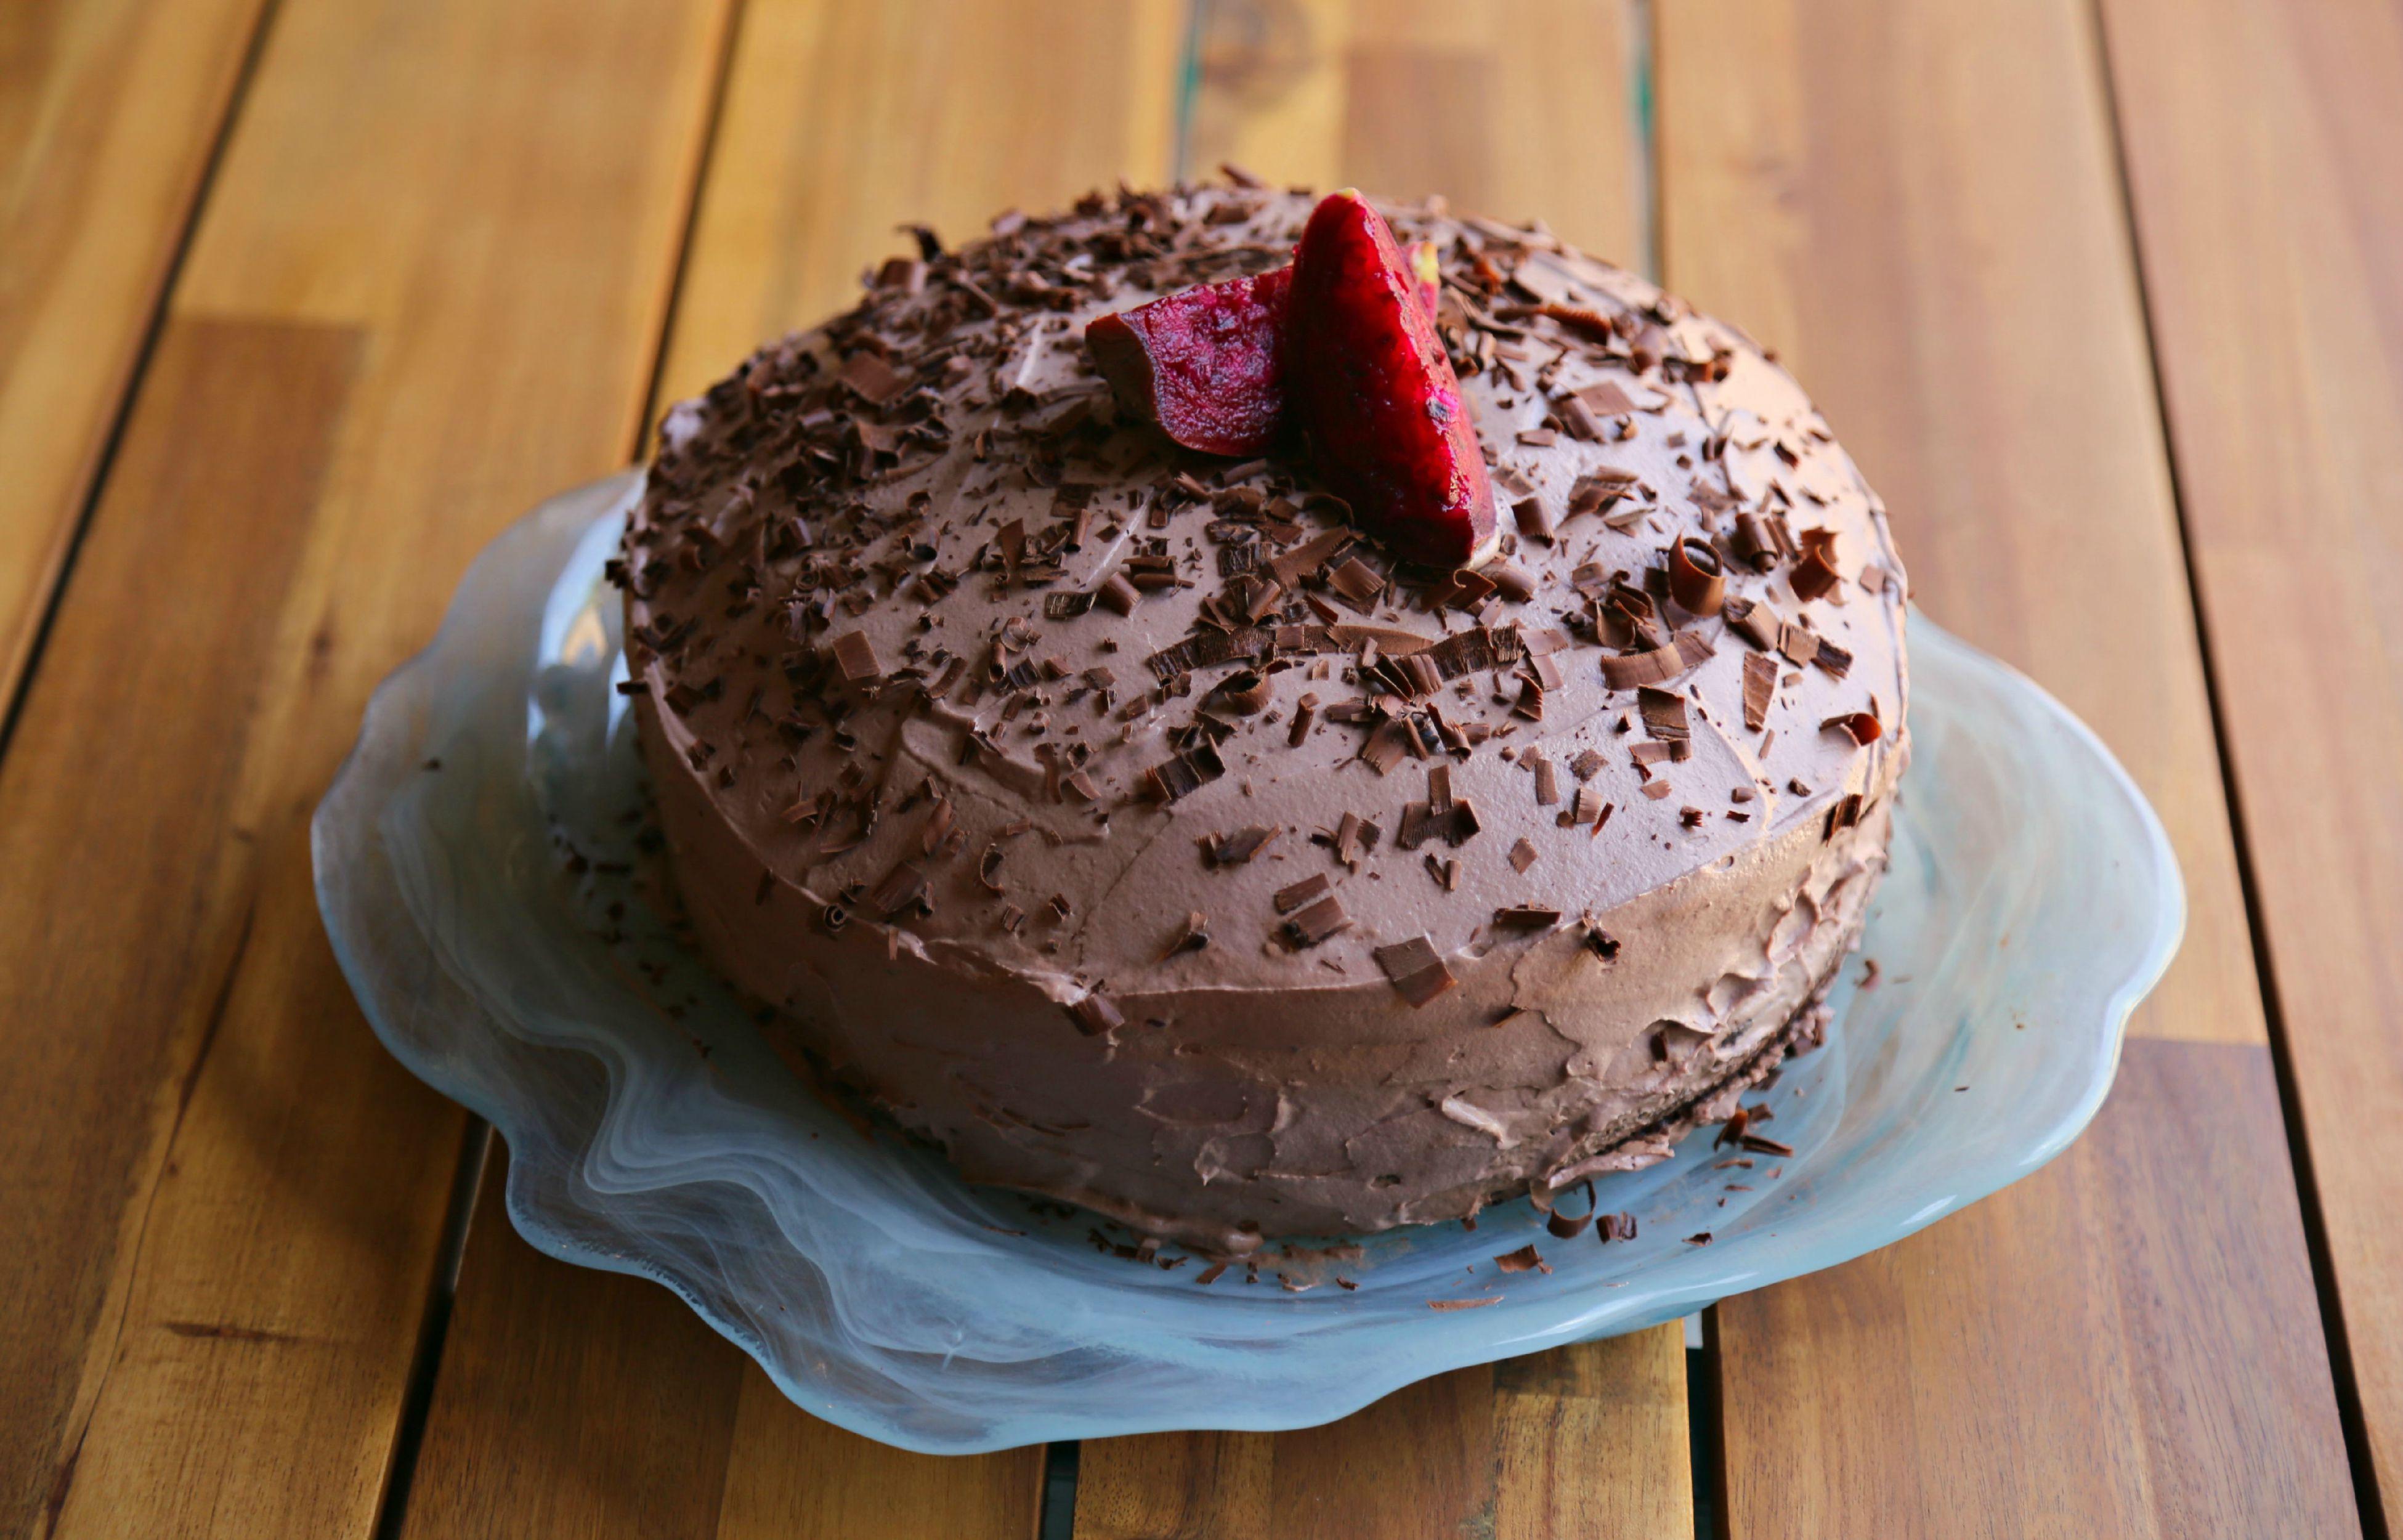 chocolate-cake-prickly-pear-jam-vianneyrodriguez-sweetlifebake